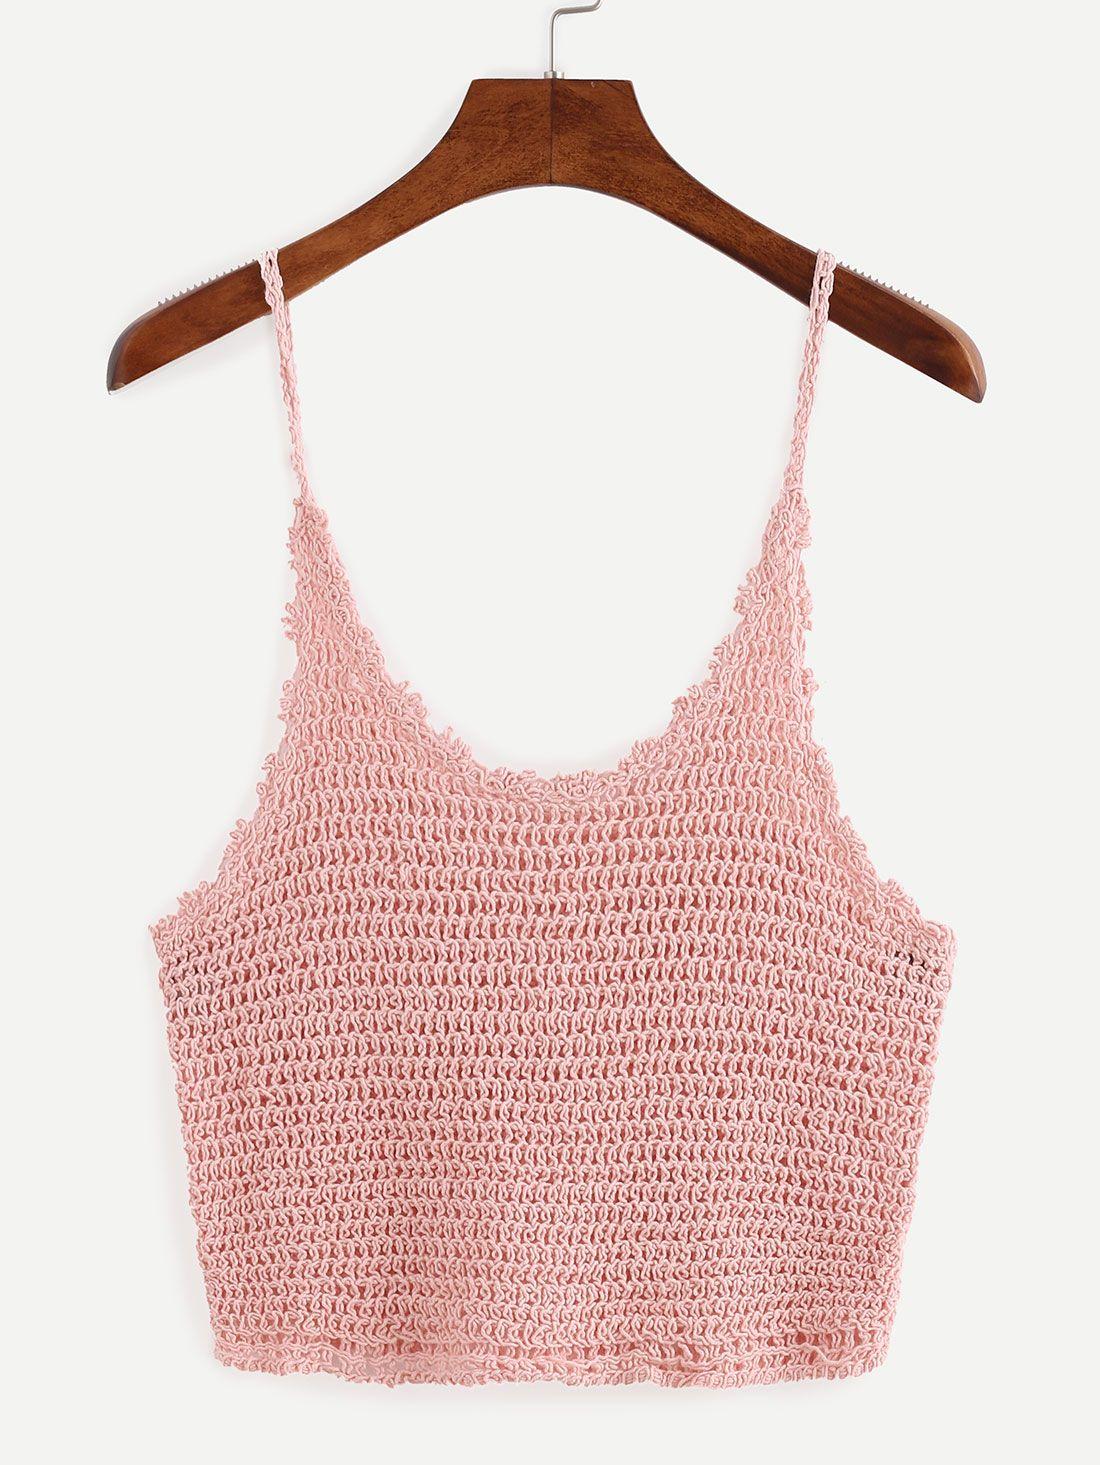 368dafcf7 Crop+Crochet+Cami+Top+-+Pink+12.99